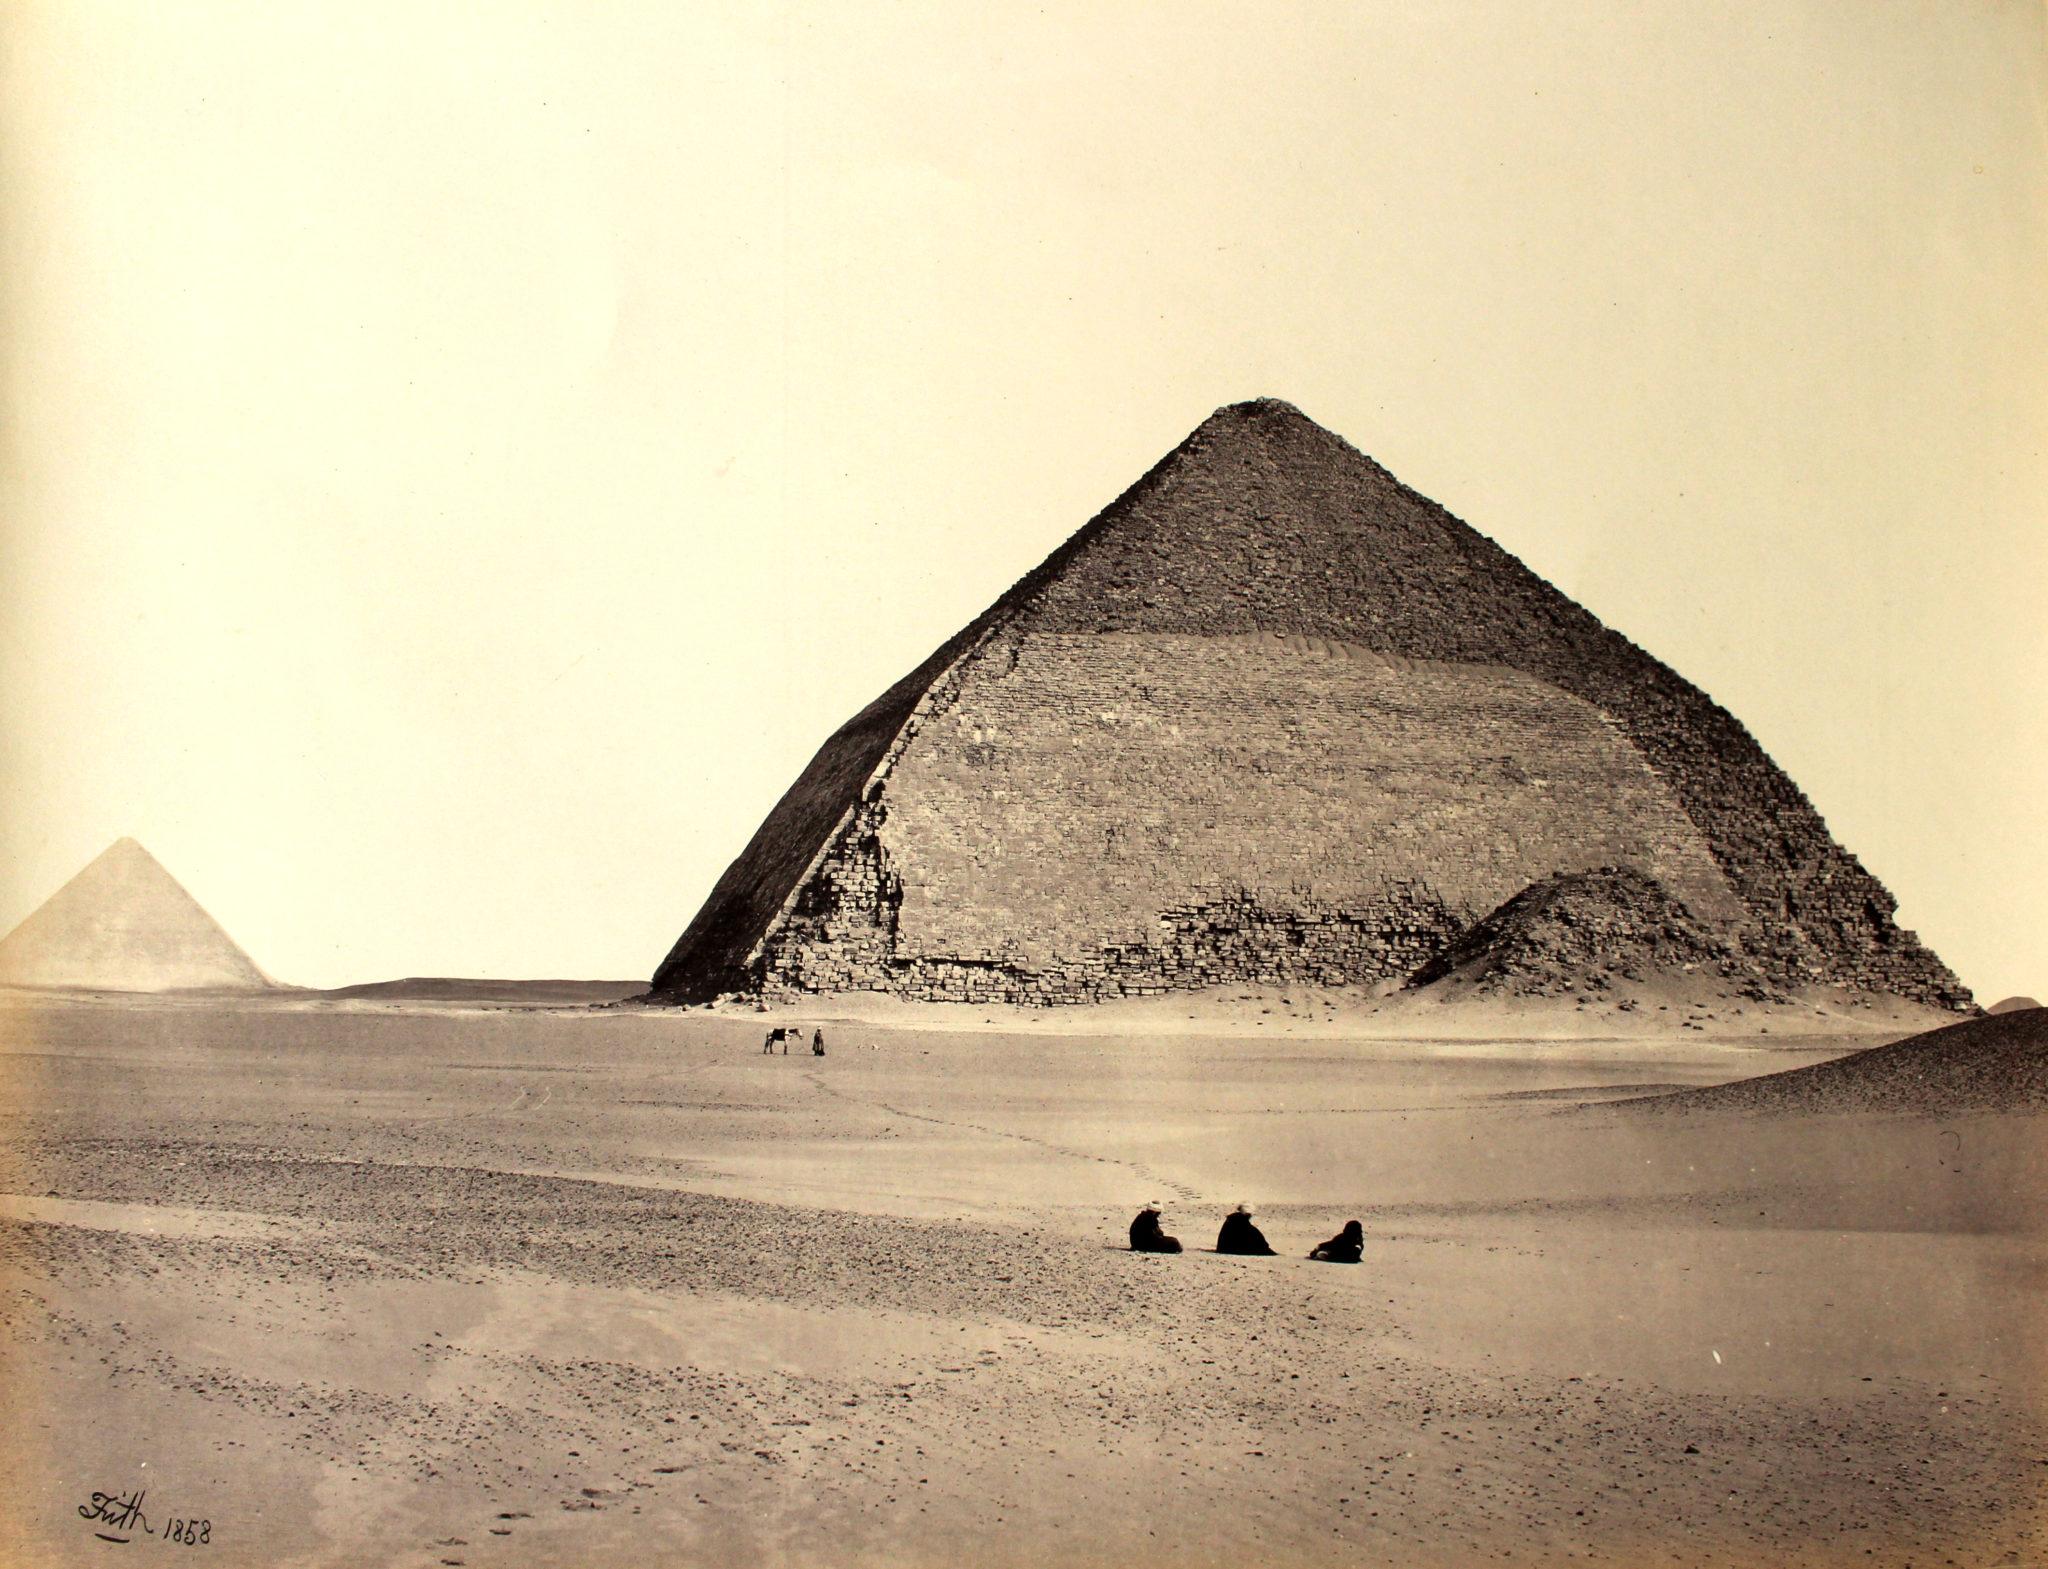 Francis Frith. The Pyramids of Dahshur, Egypt. c.1858.